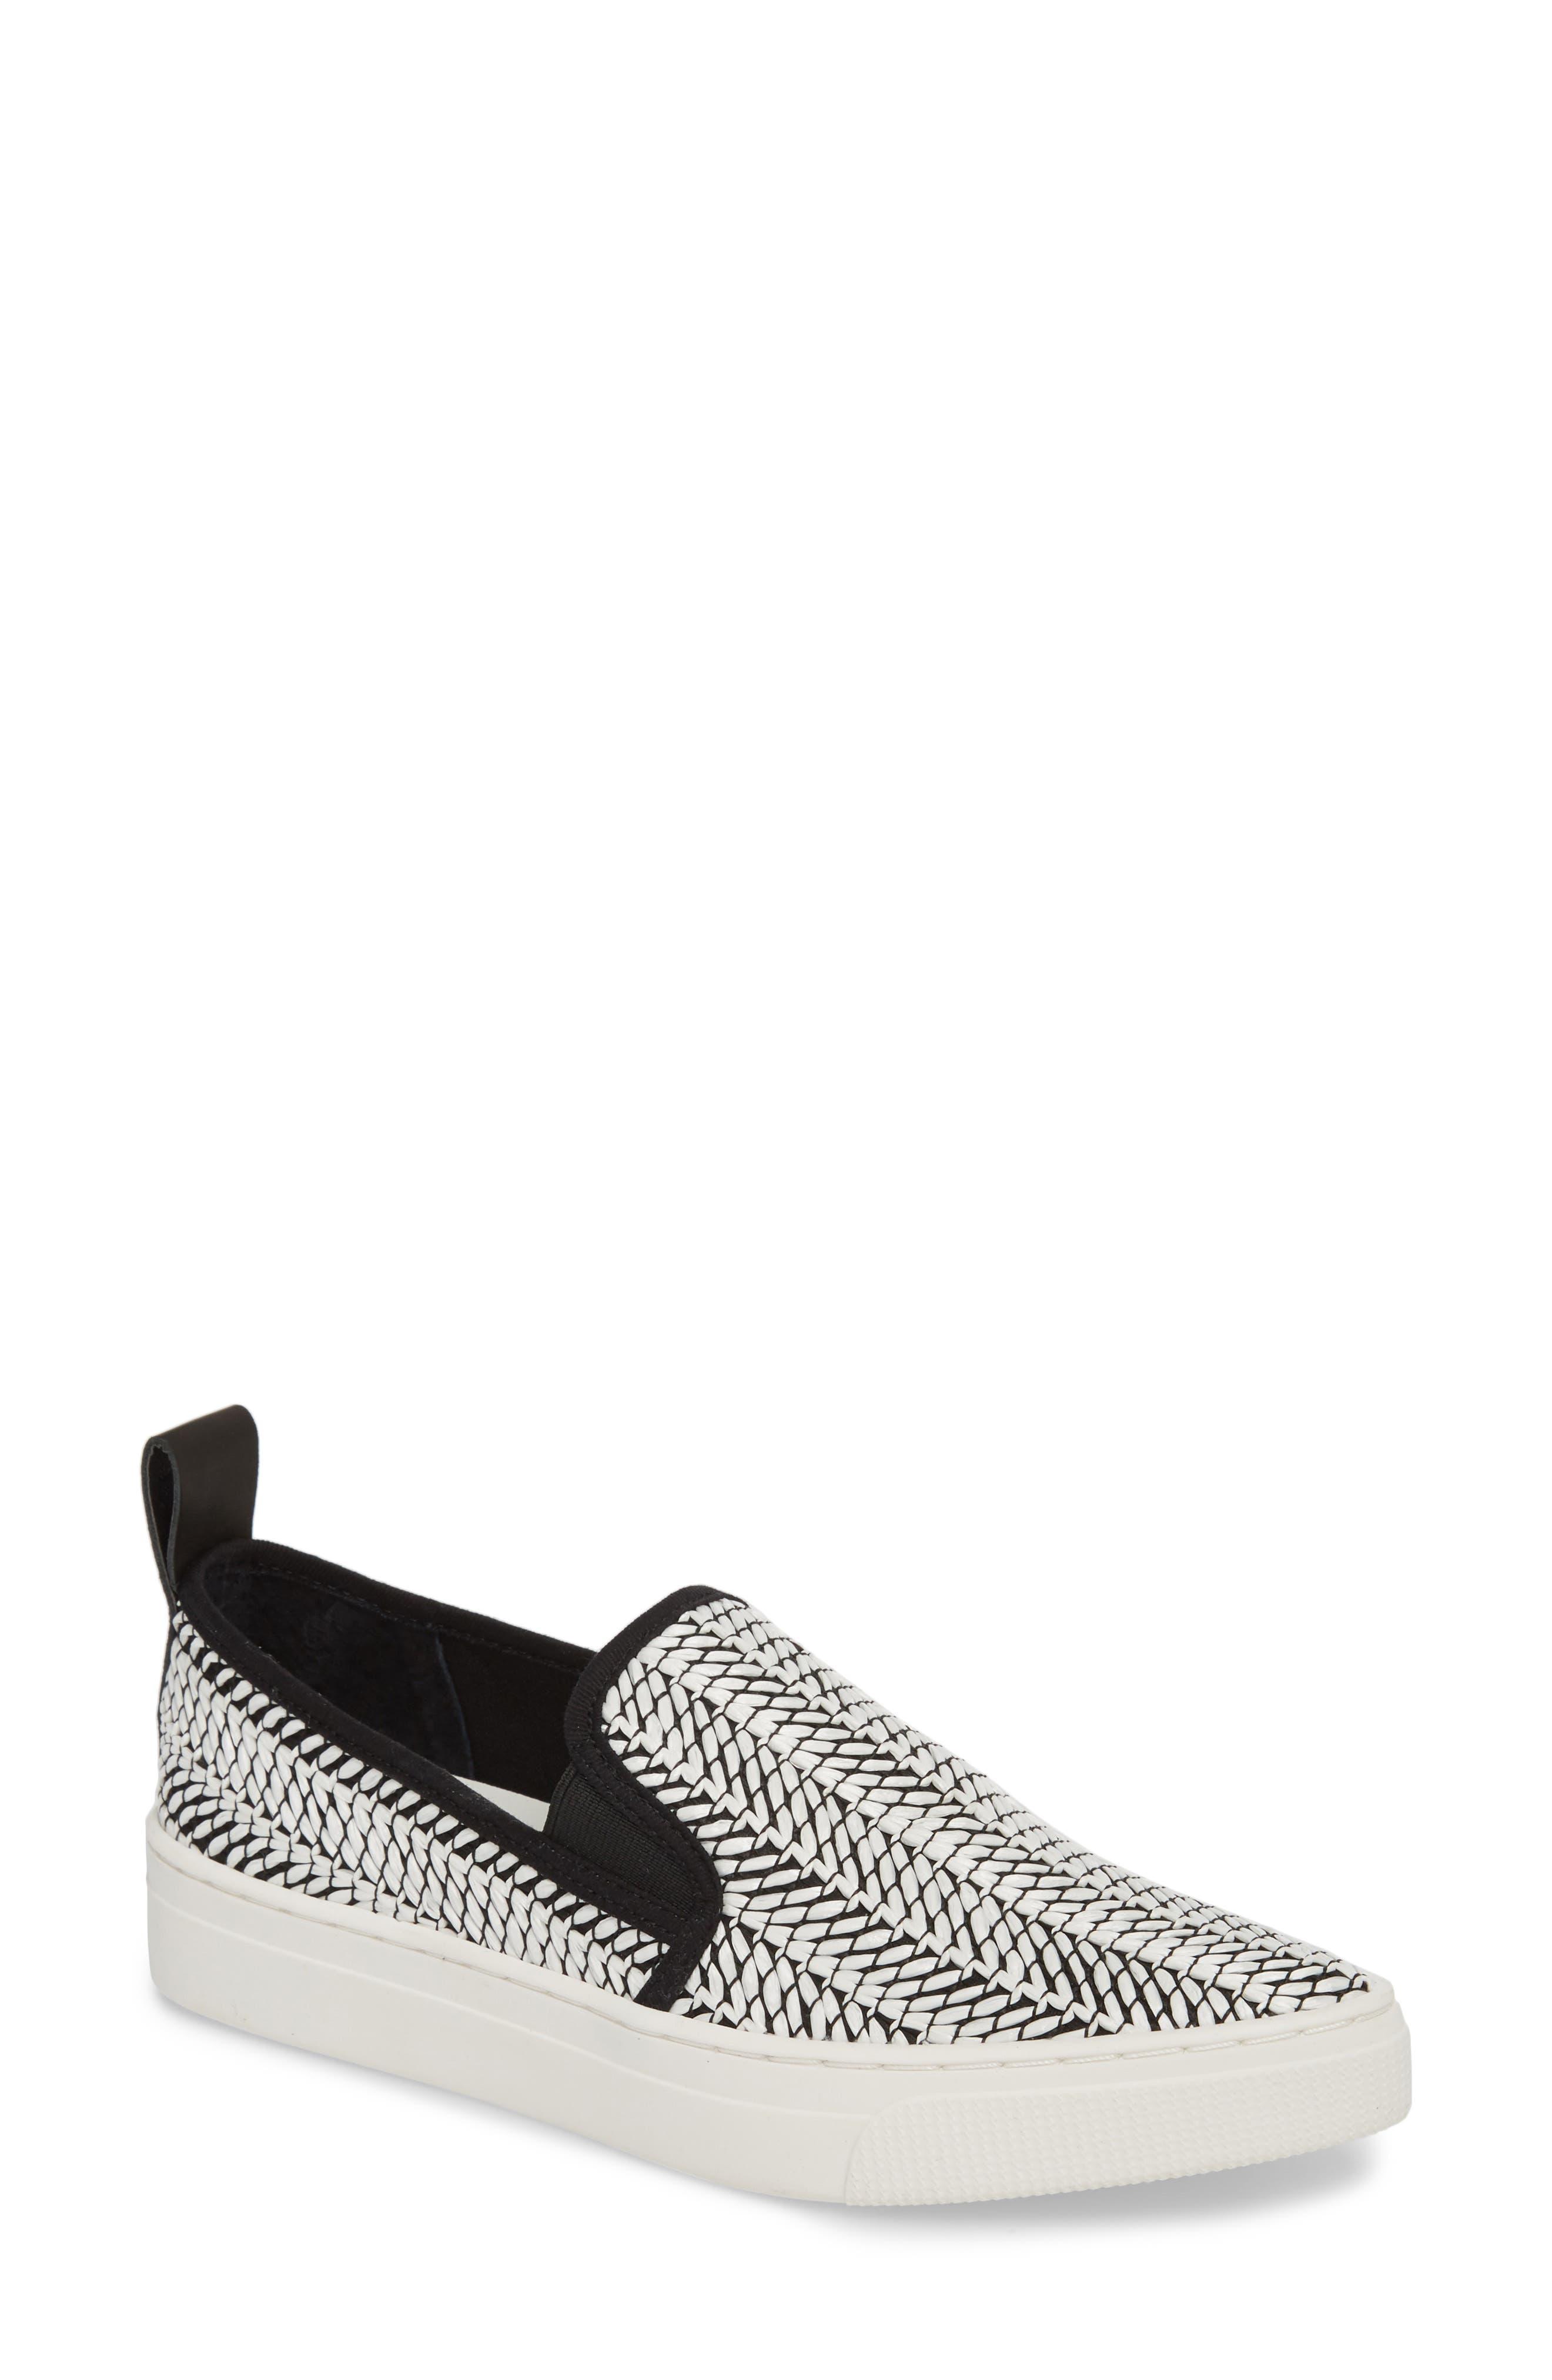 Dolce Vita Geoff Slip-On Sneaker (Women)